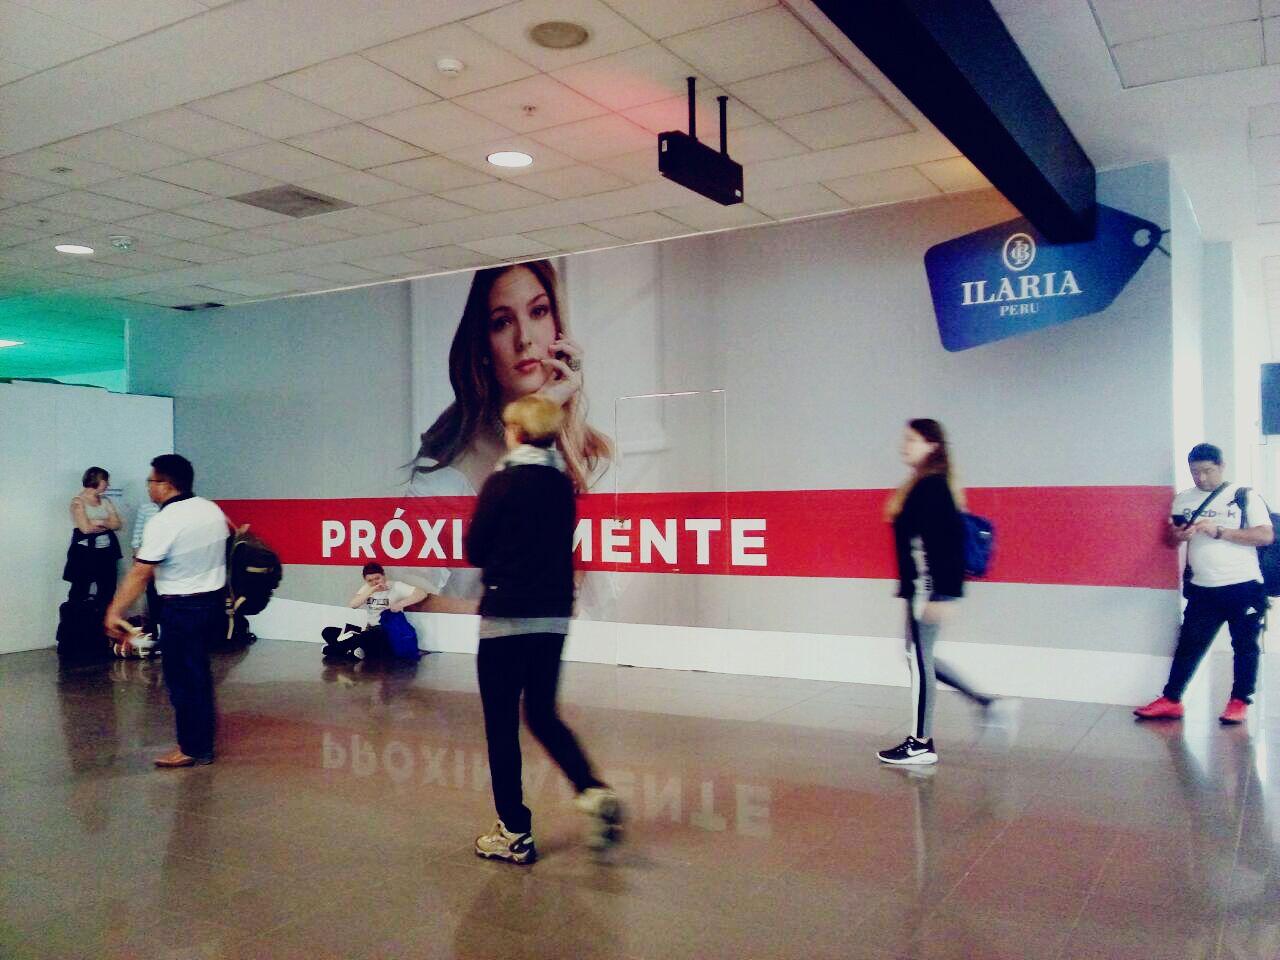 Jorge Chávez 4 - Marcas alistan su ingreso a zona duty free de Aeropuerto Jorge Chávez